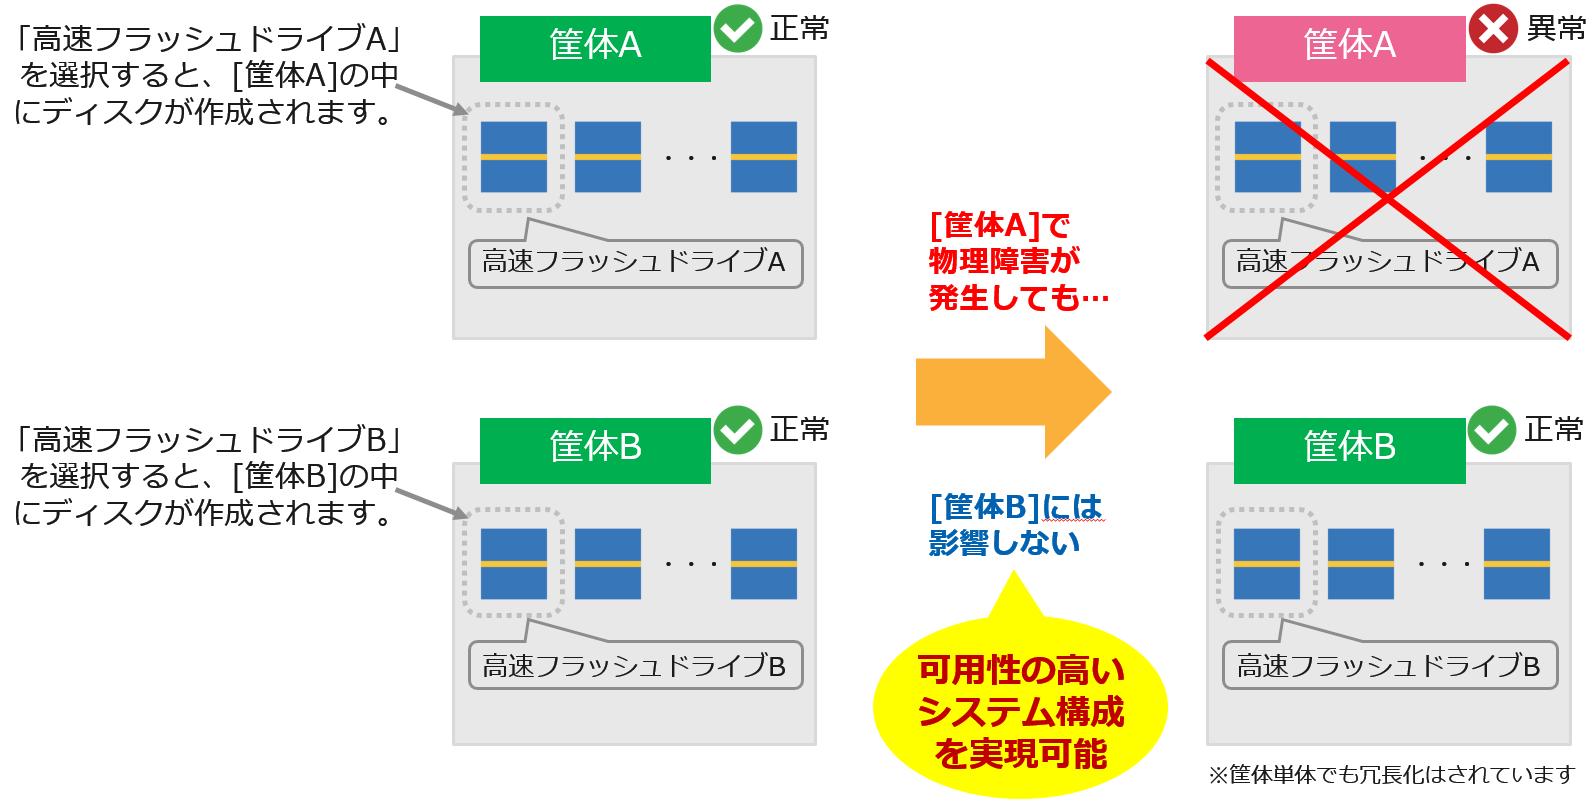 <AIモデリングサービスラインアップと業種別の活用シーン>